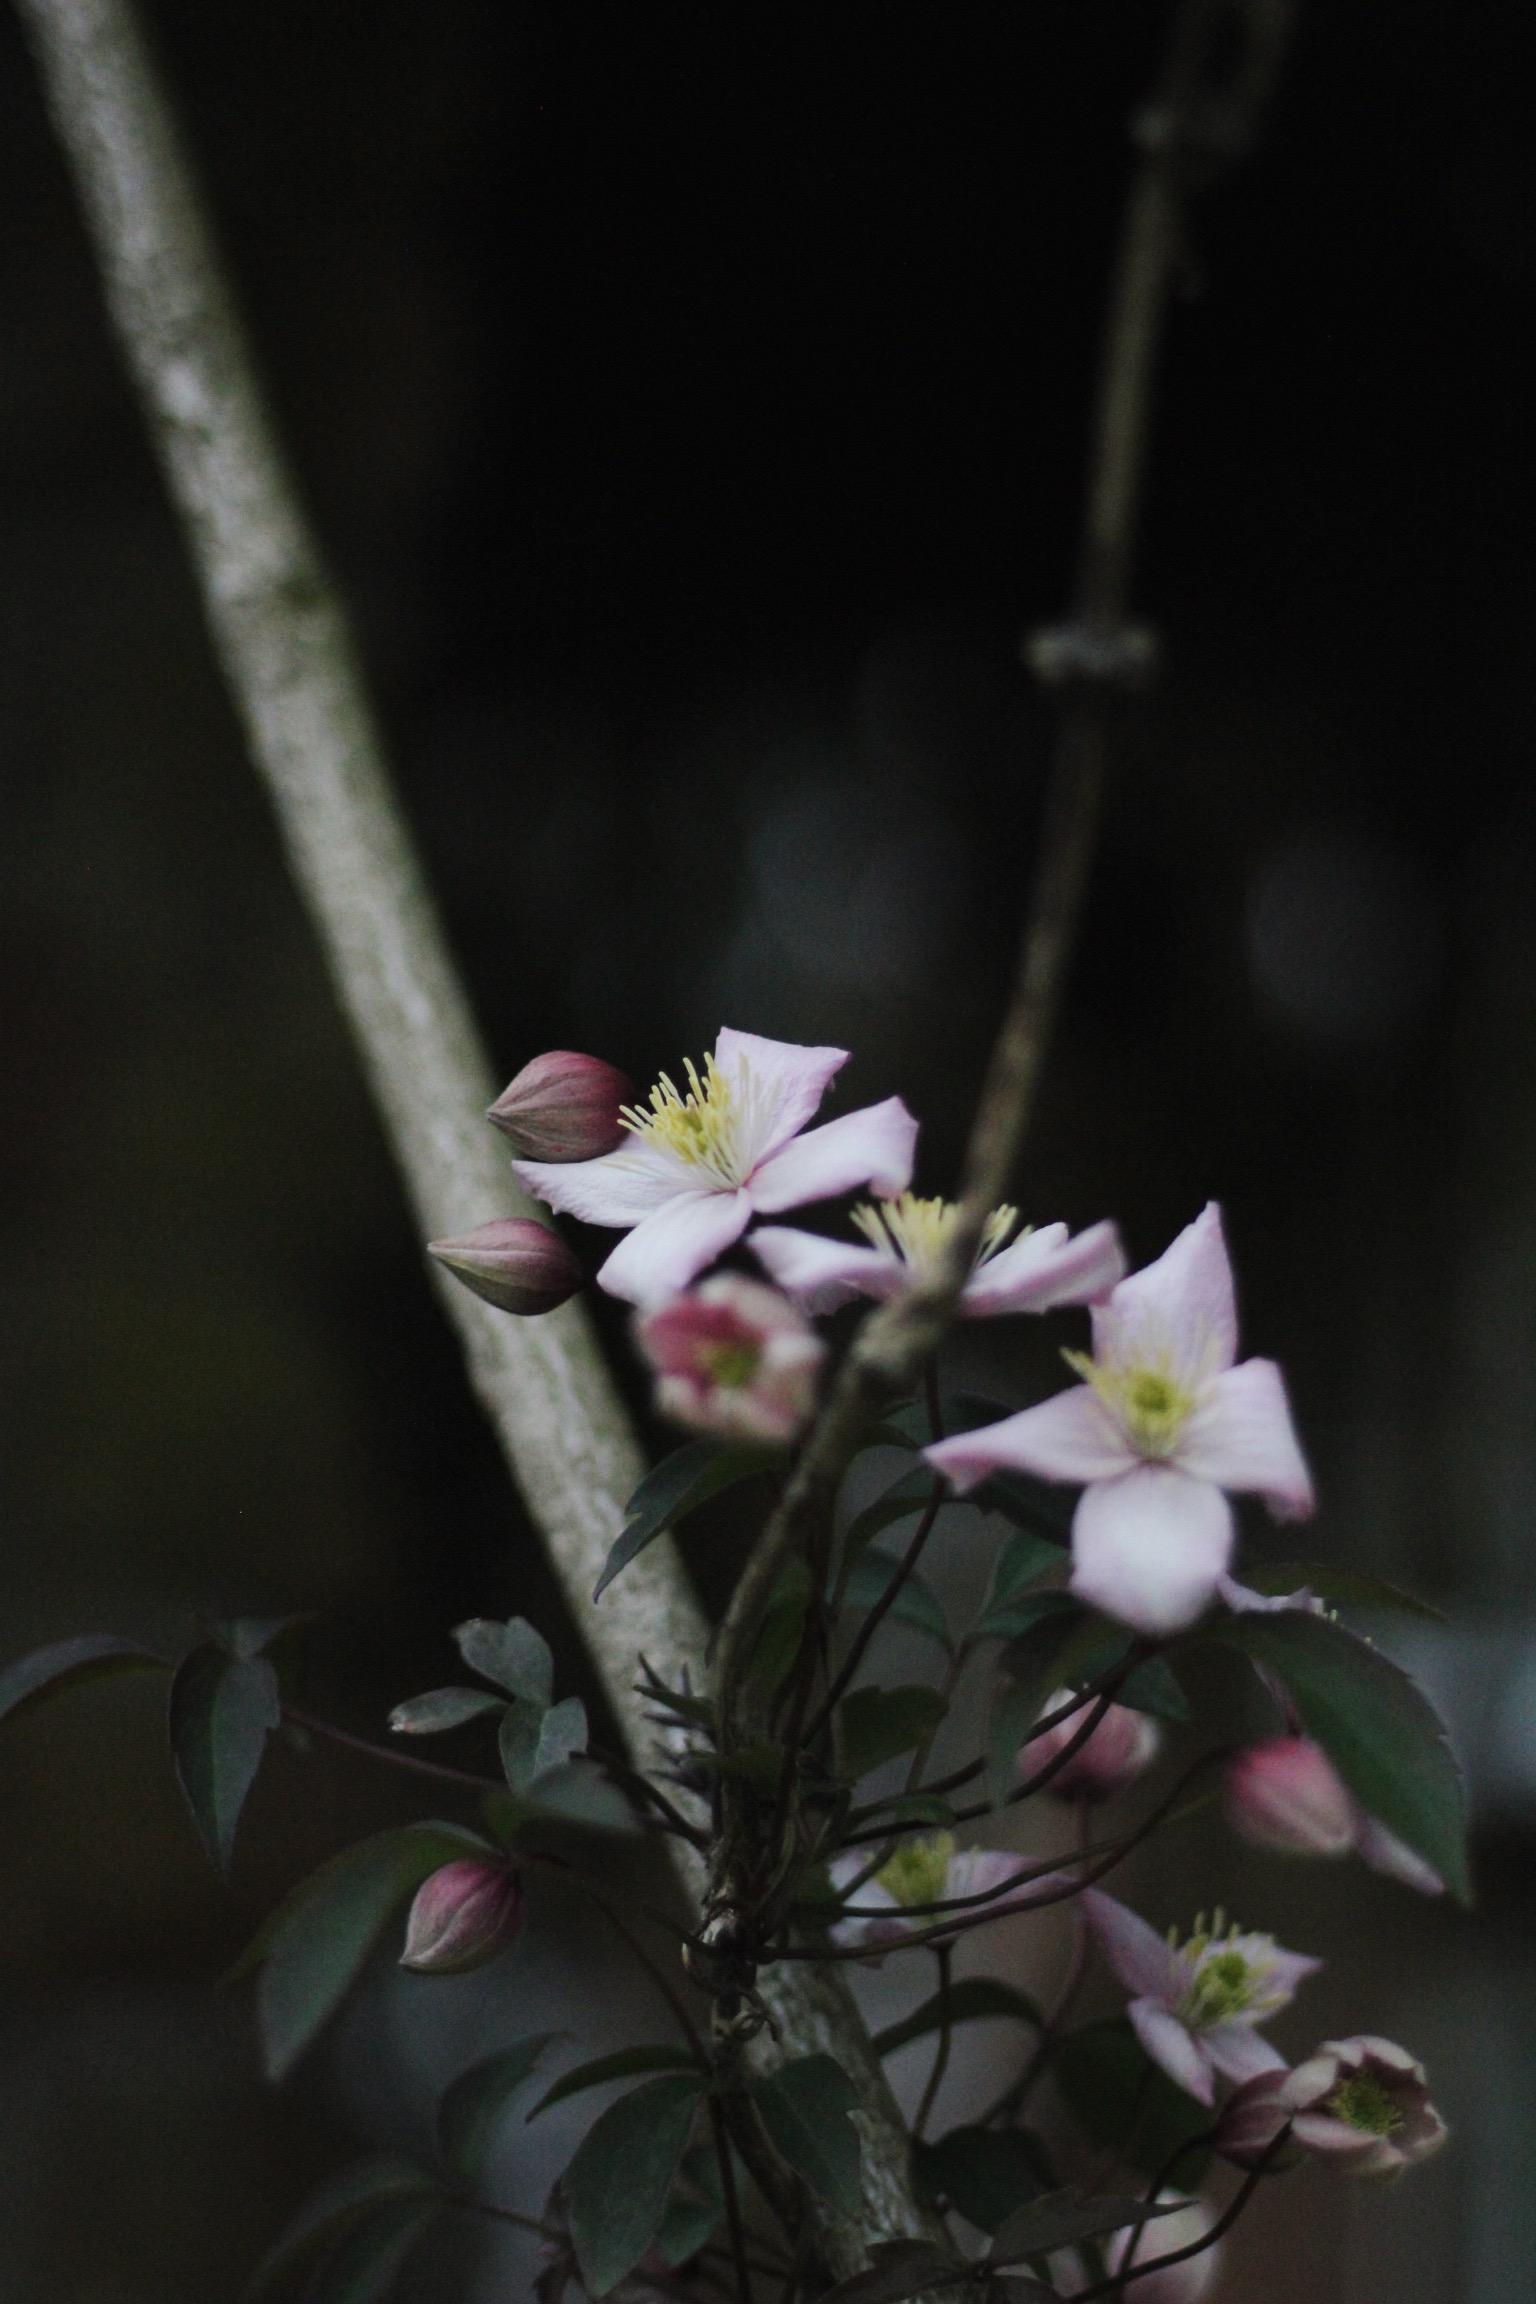 Clematis flower, Flower